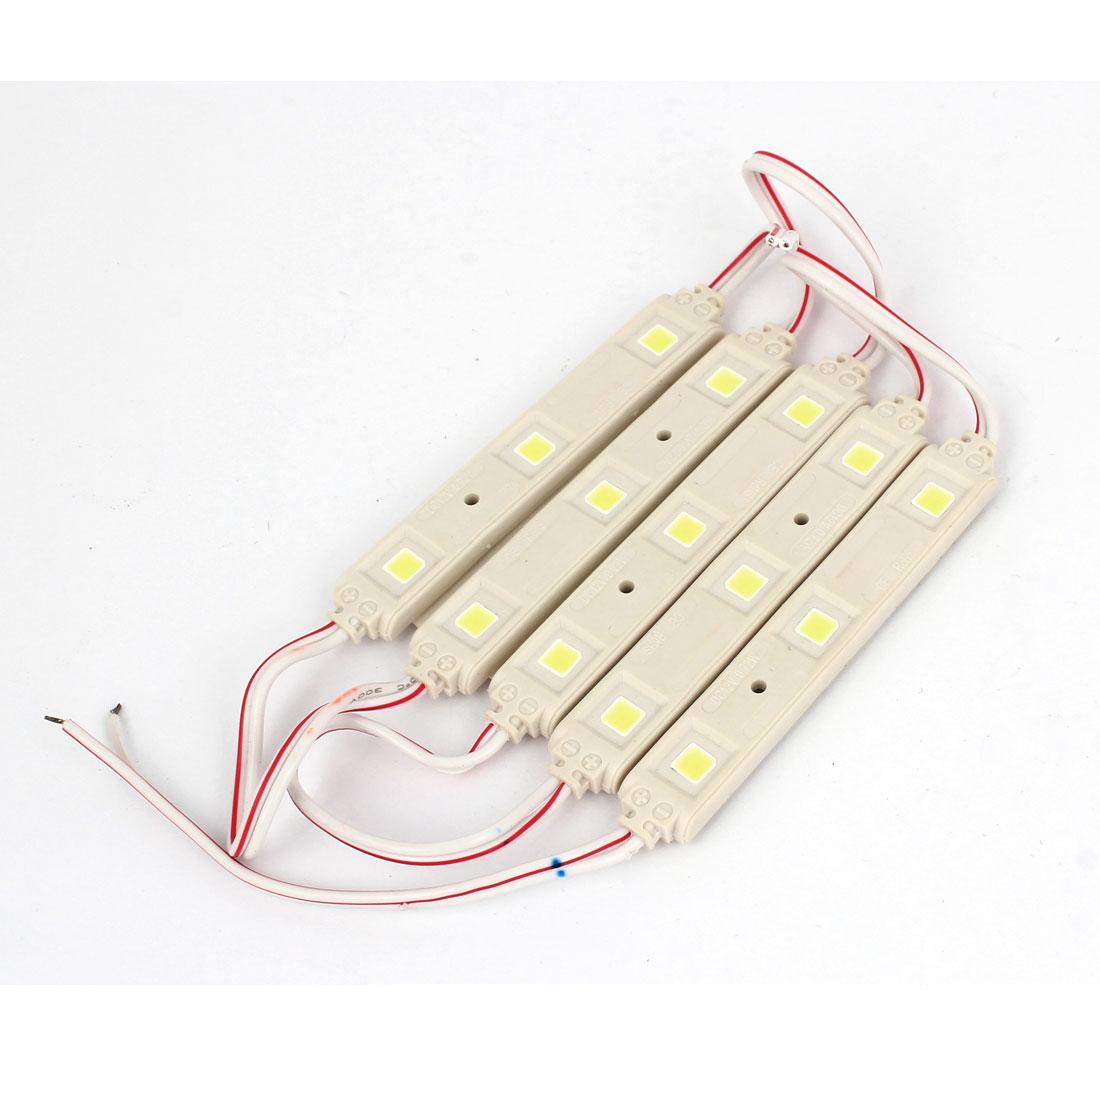 5 in 1 Car White 3 LED 5050 SMD Internal Dome Panel Lamp Reading Light 12V